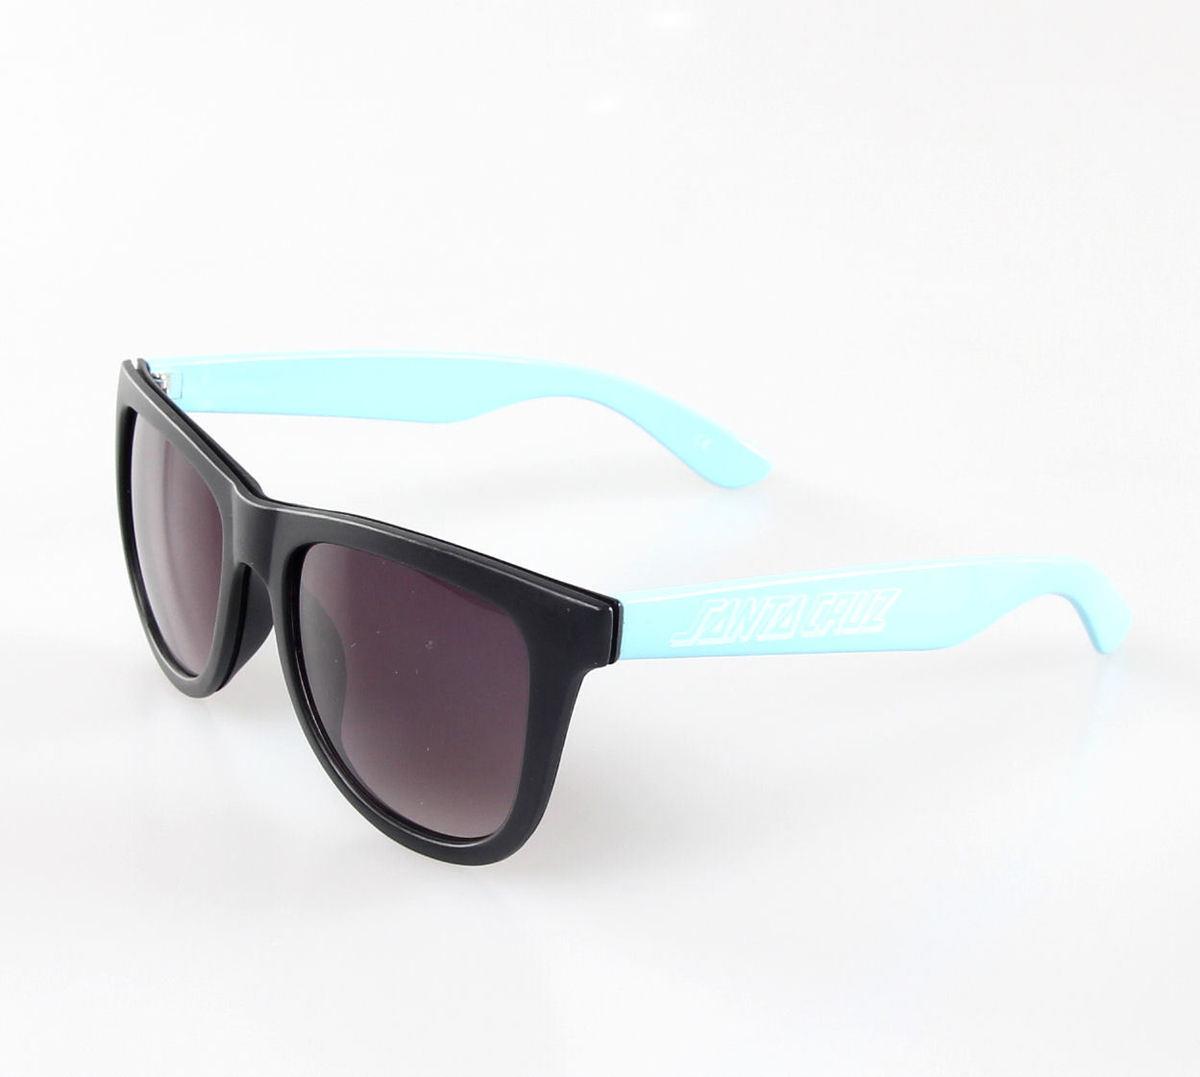 brýle sluneční SANTA CRUZ - CAPITOLA SHADES - SKY/BLACK - MAMCA